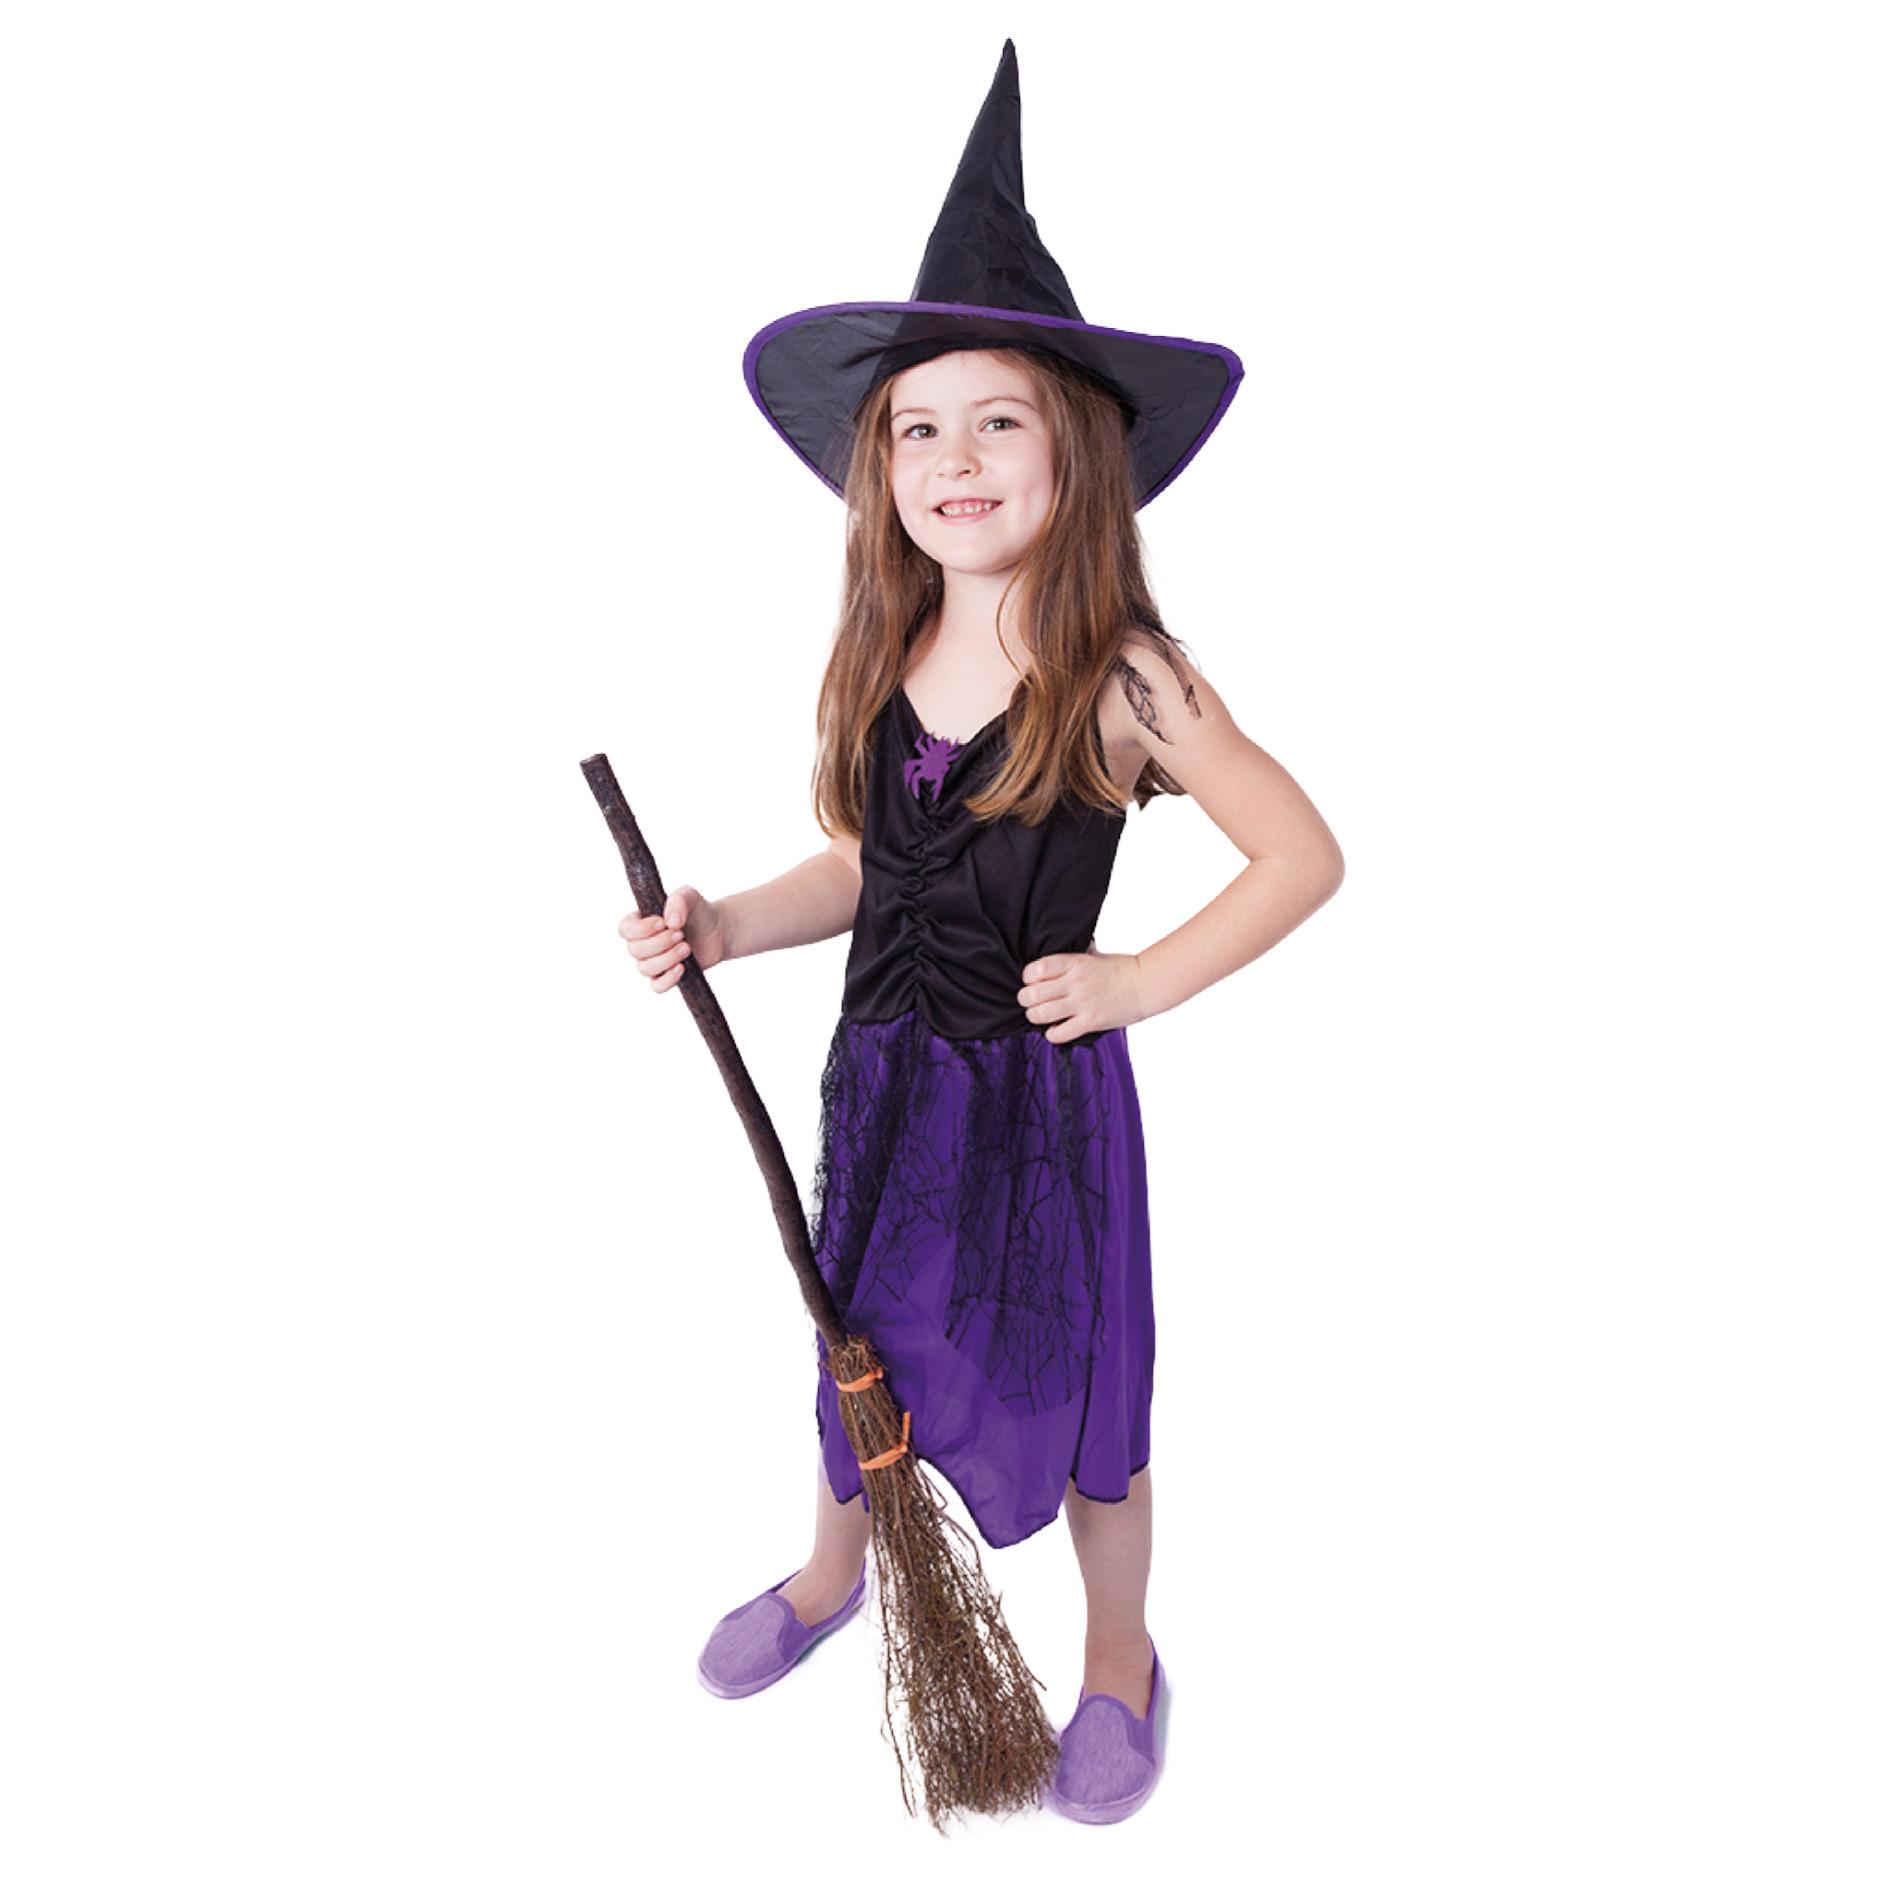 Dětský kostým Čarodějnice fialová s kloboukem (S)